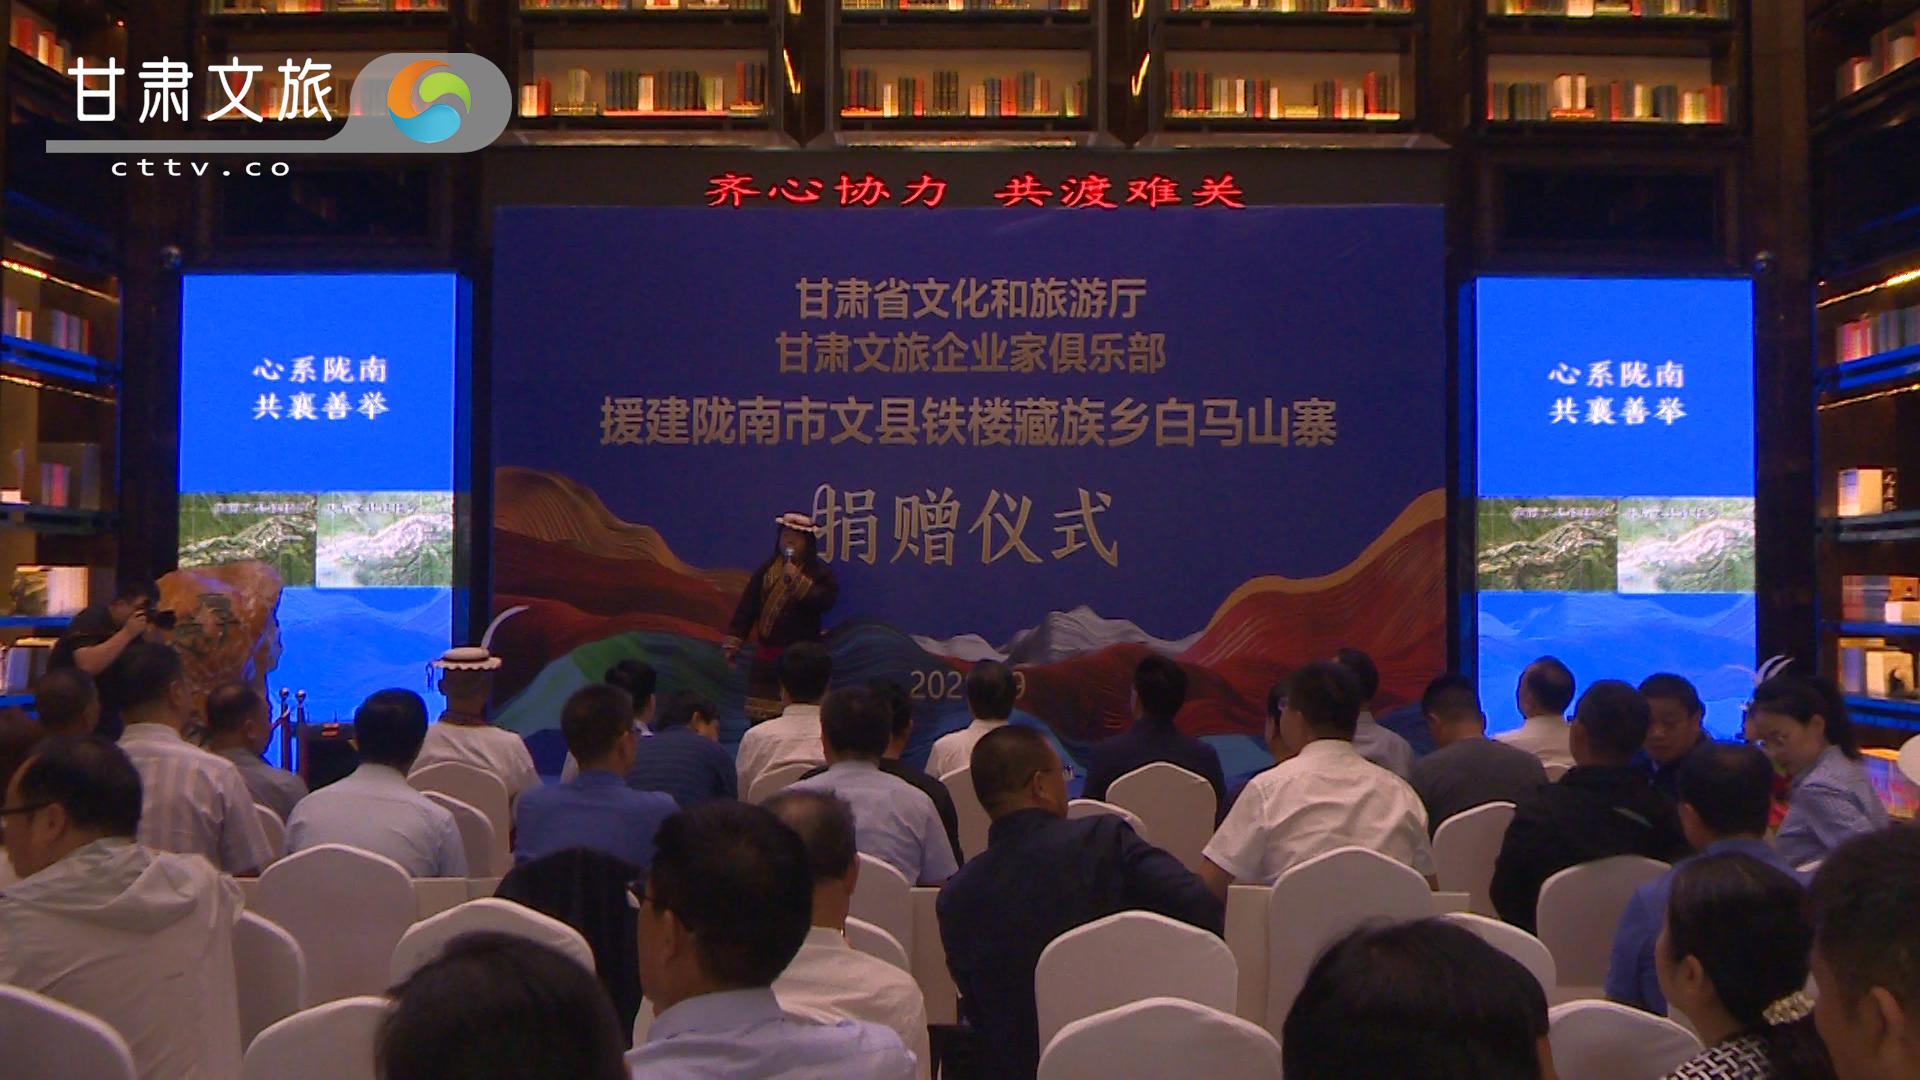 甘肃省文旅厅与甘肃文旅企业家俱乐部捐款300万元帮助灾区纾困